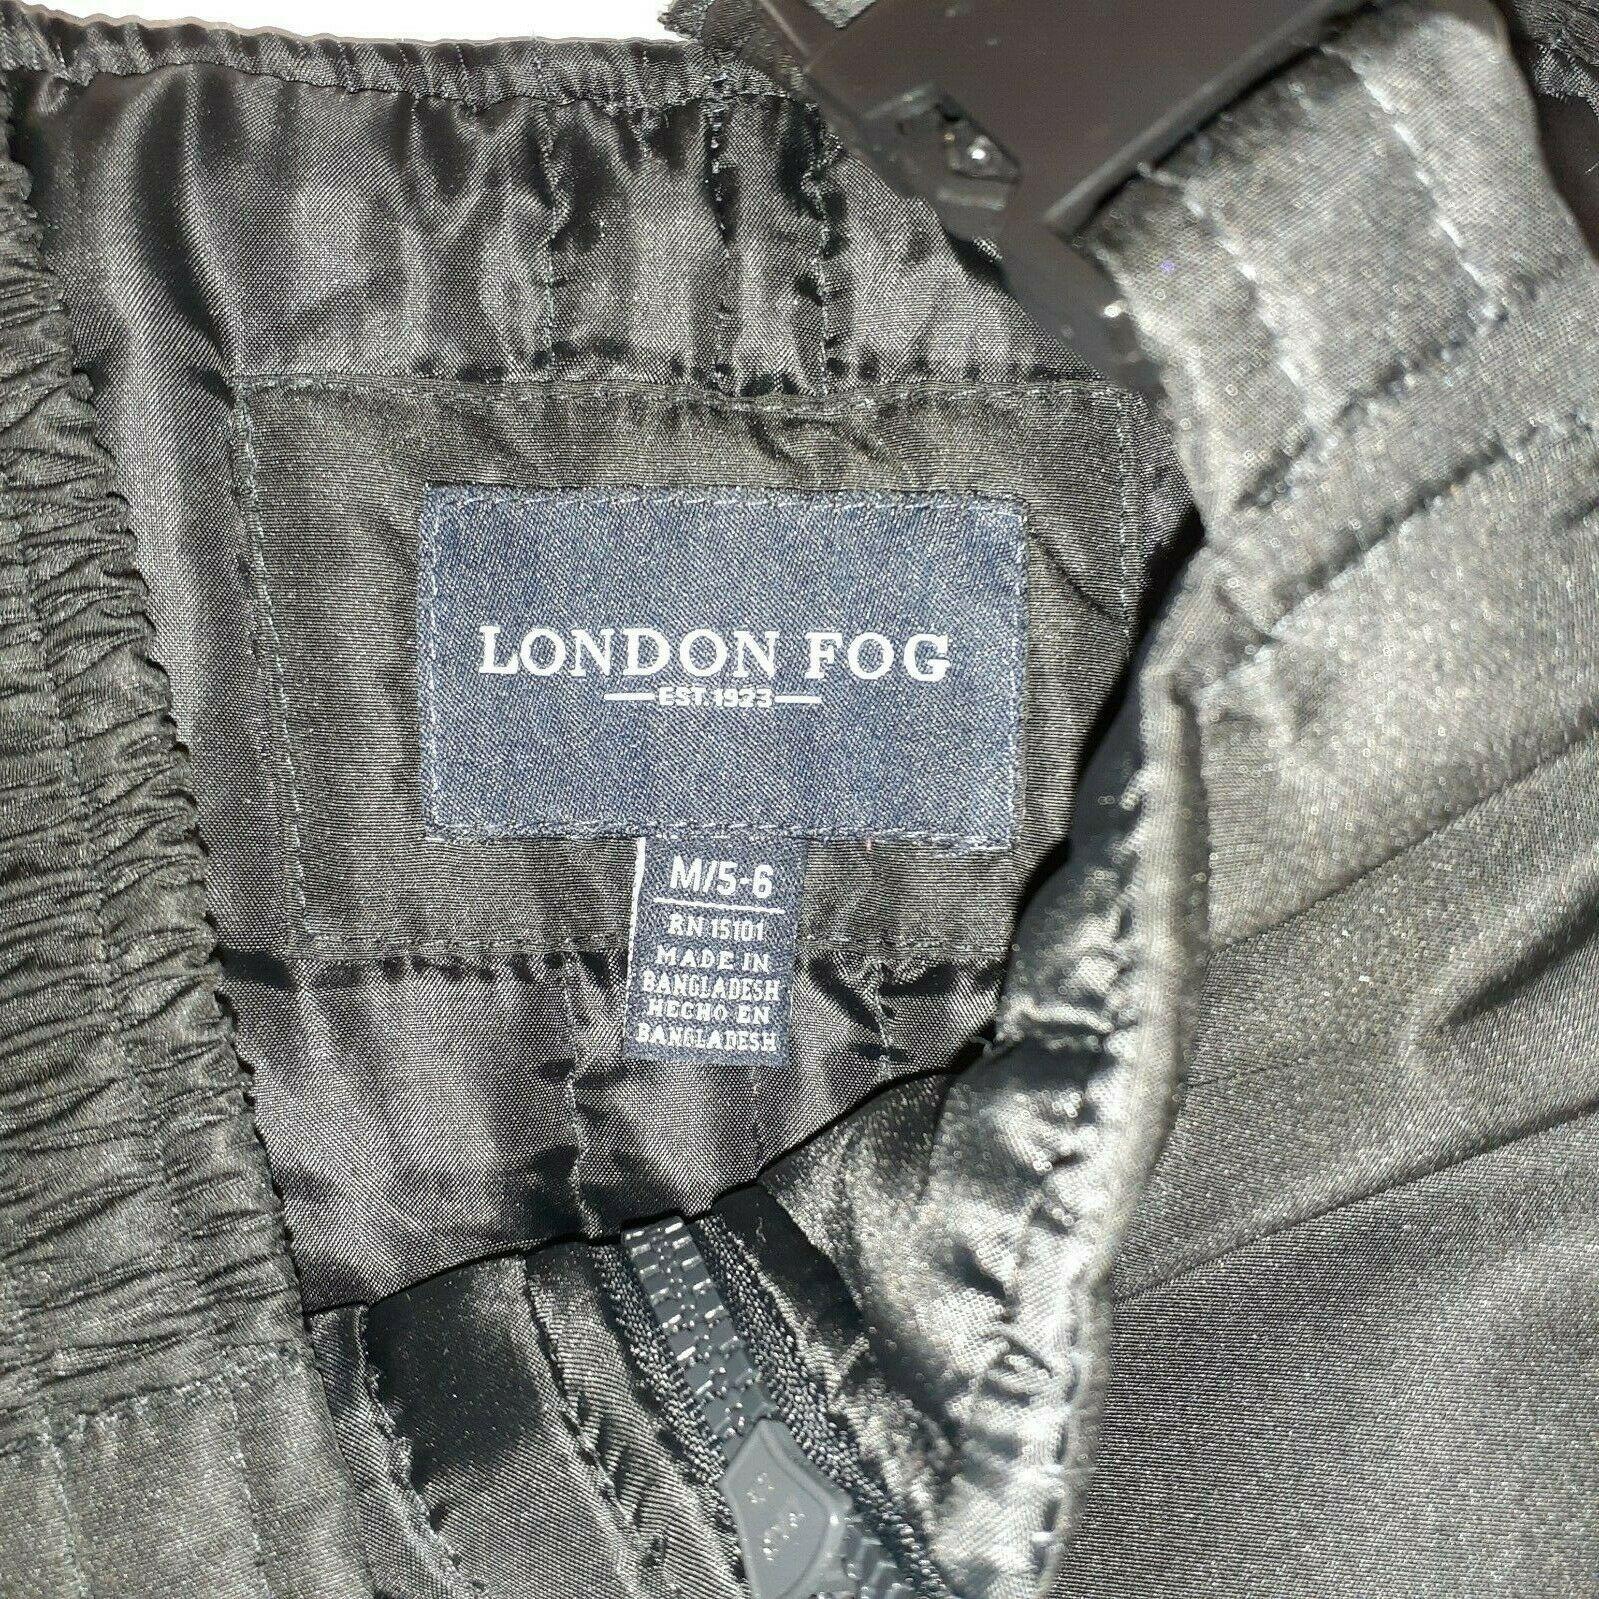 LONDON FOG KIDS BLACK SNOW OVERALLS, INSEAM 18 LENGTH 28 (FULL BODY)